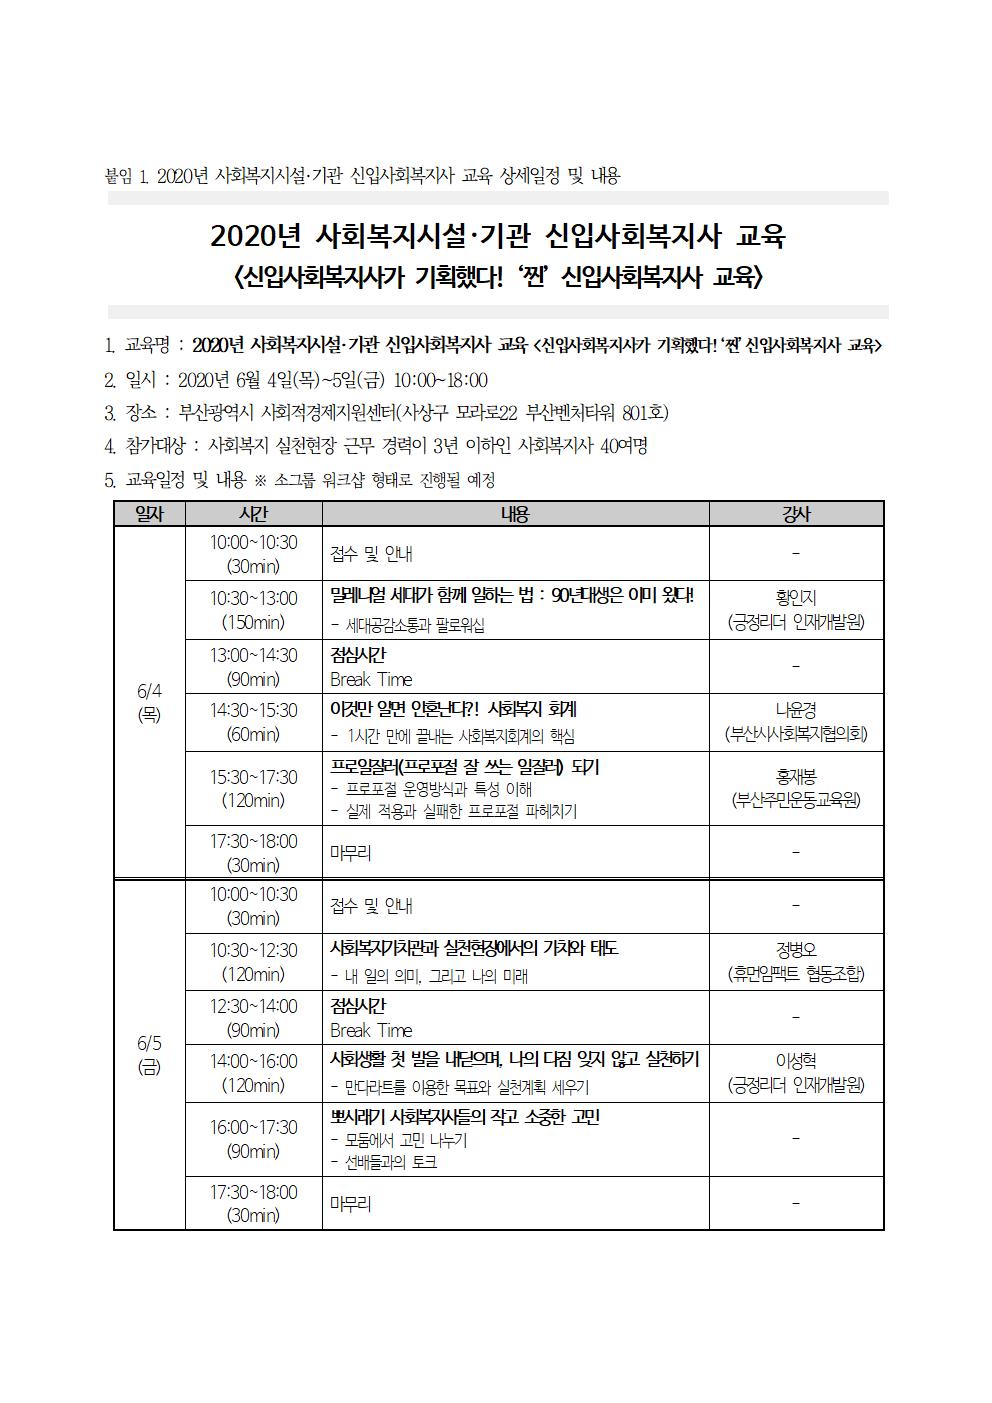 붙임1. 2020년 사회복지시설·기관 신입사회복지사 교육 상세일정 및 내용.png